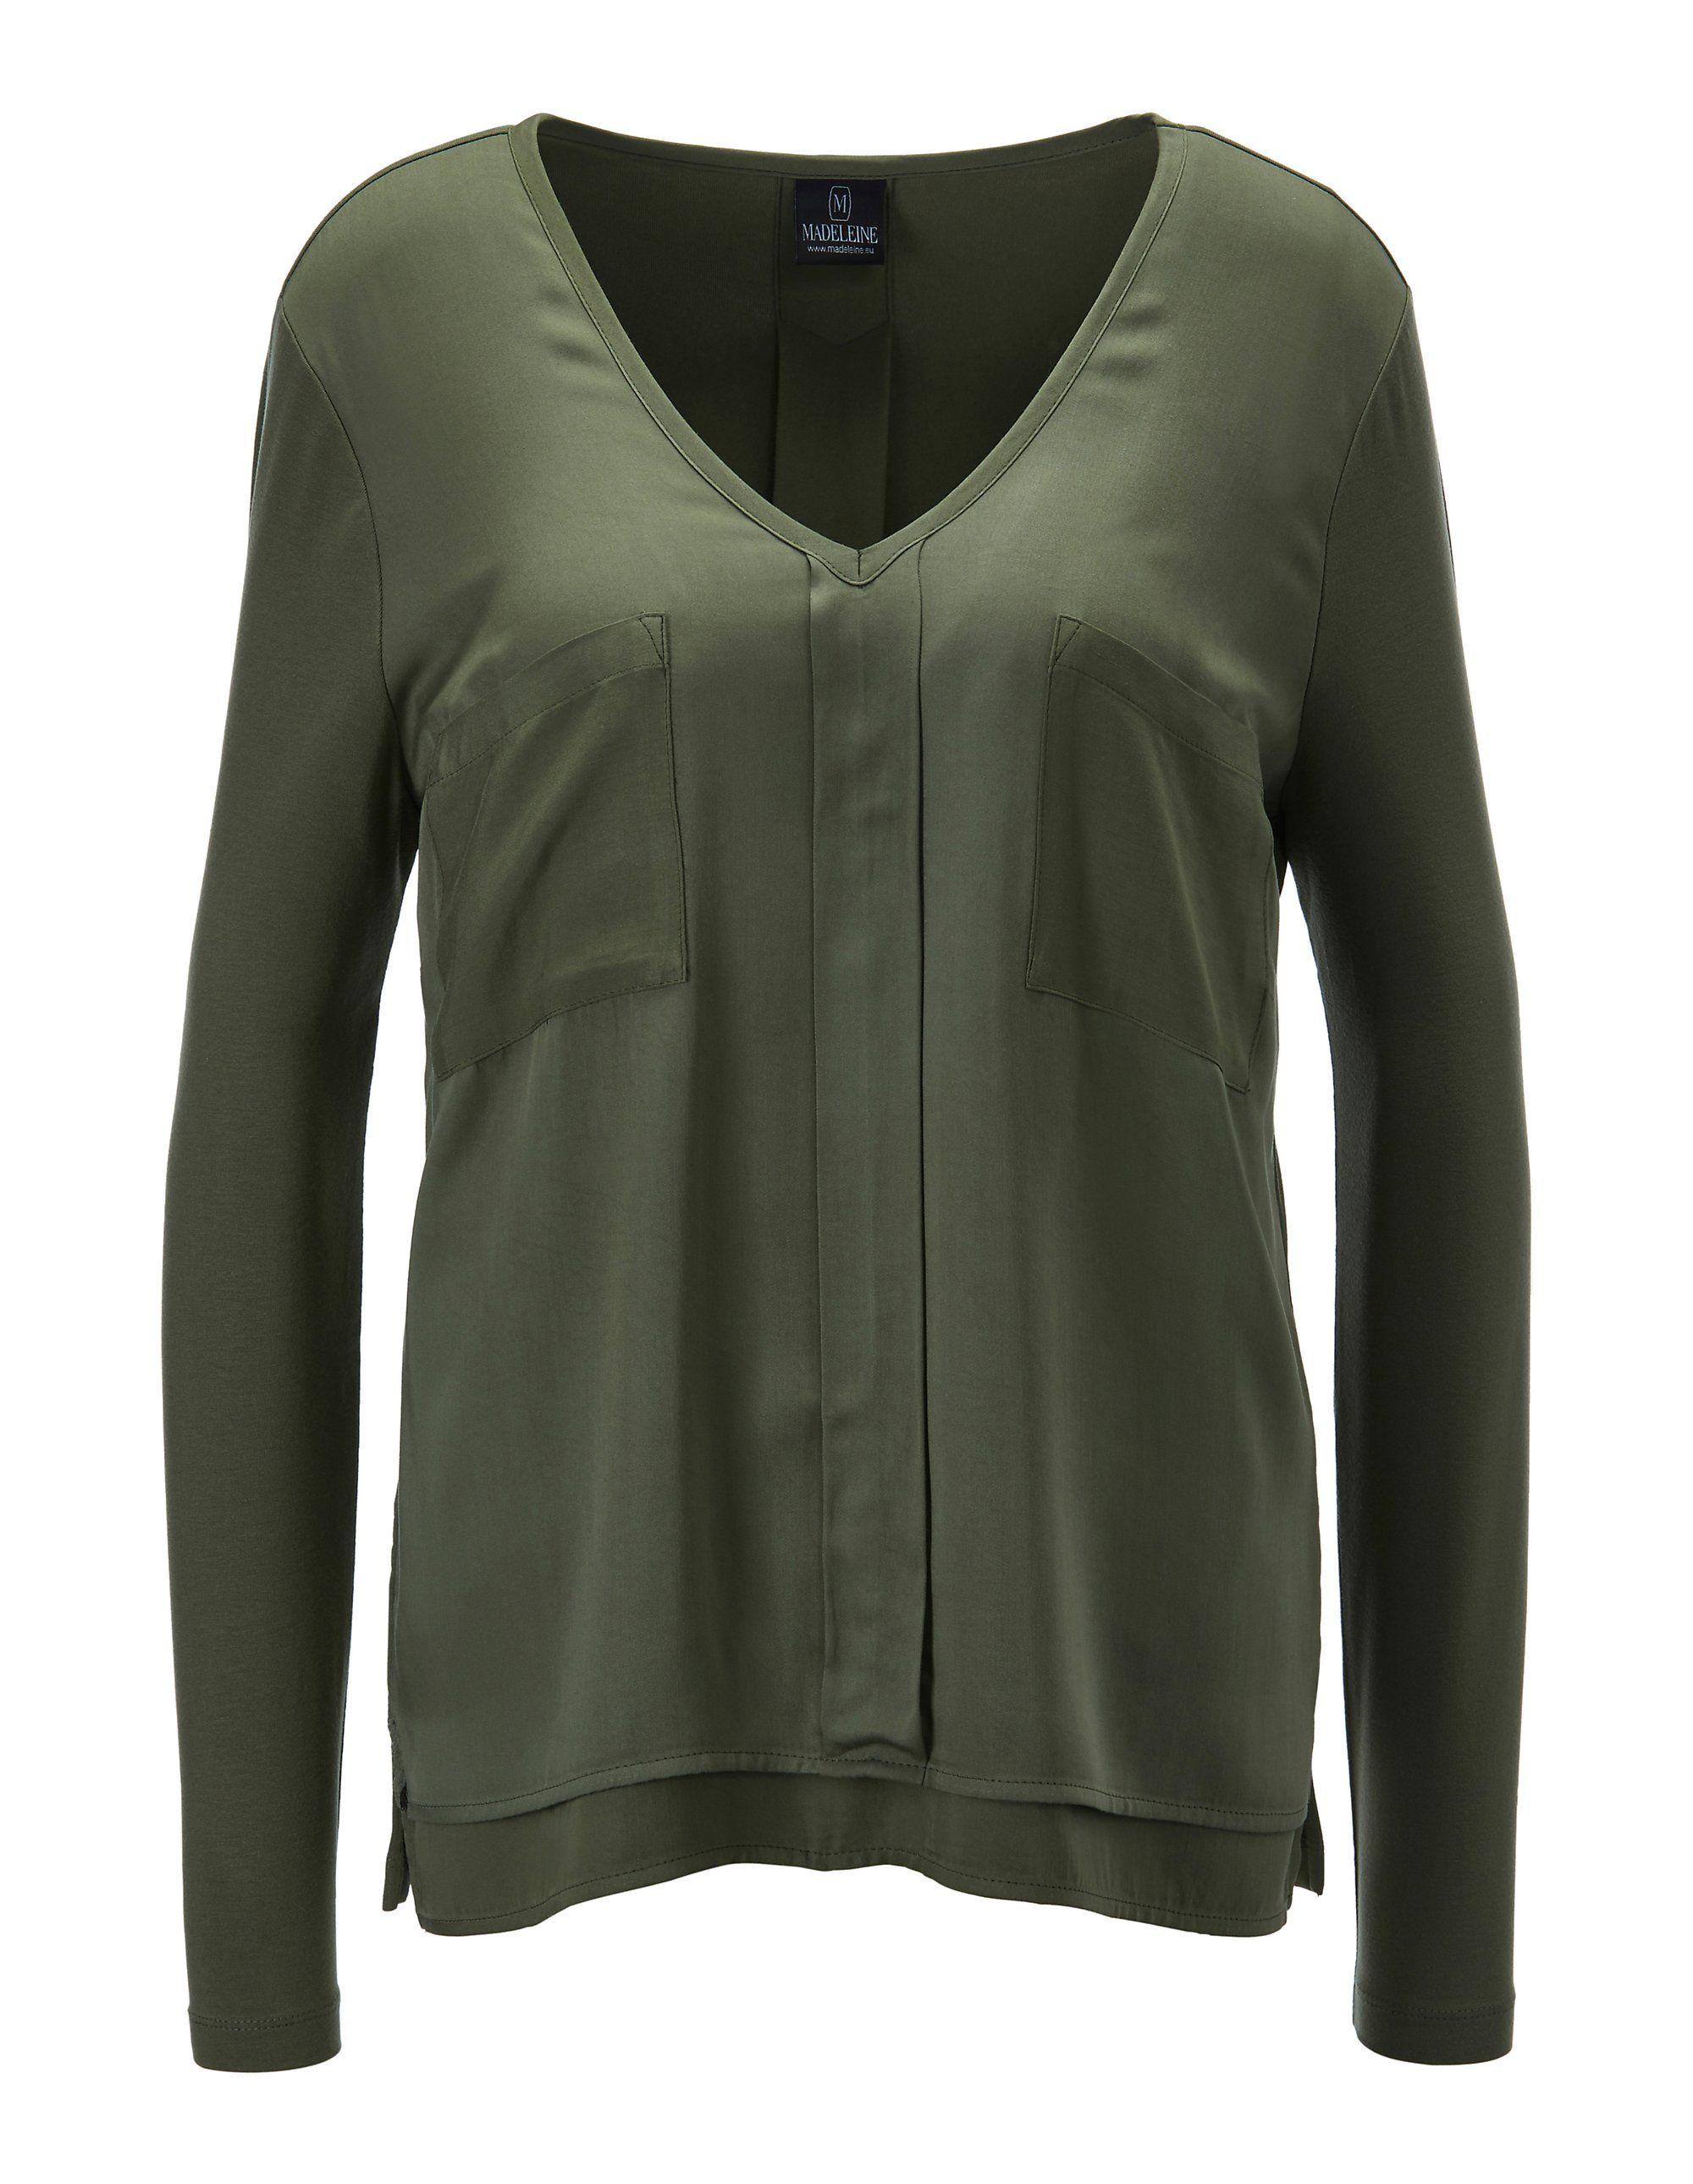 Bluse mit aufgesetzten Taschen in grün MADELEINE Gr 34, khaki für Damen. Viskose. Waschbar